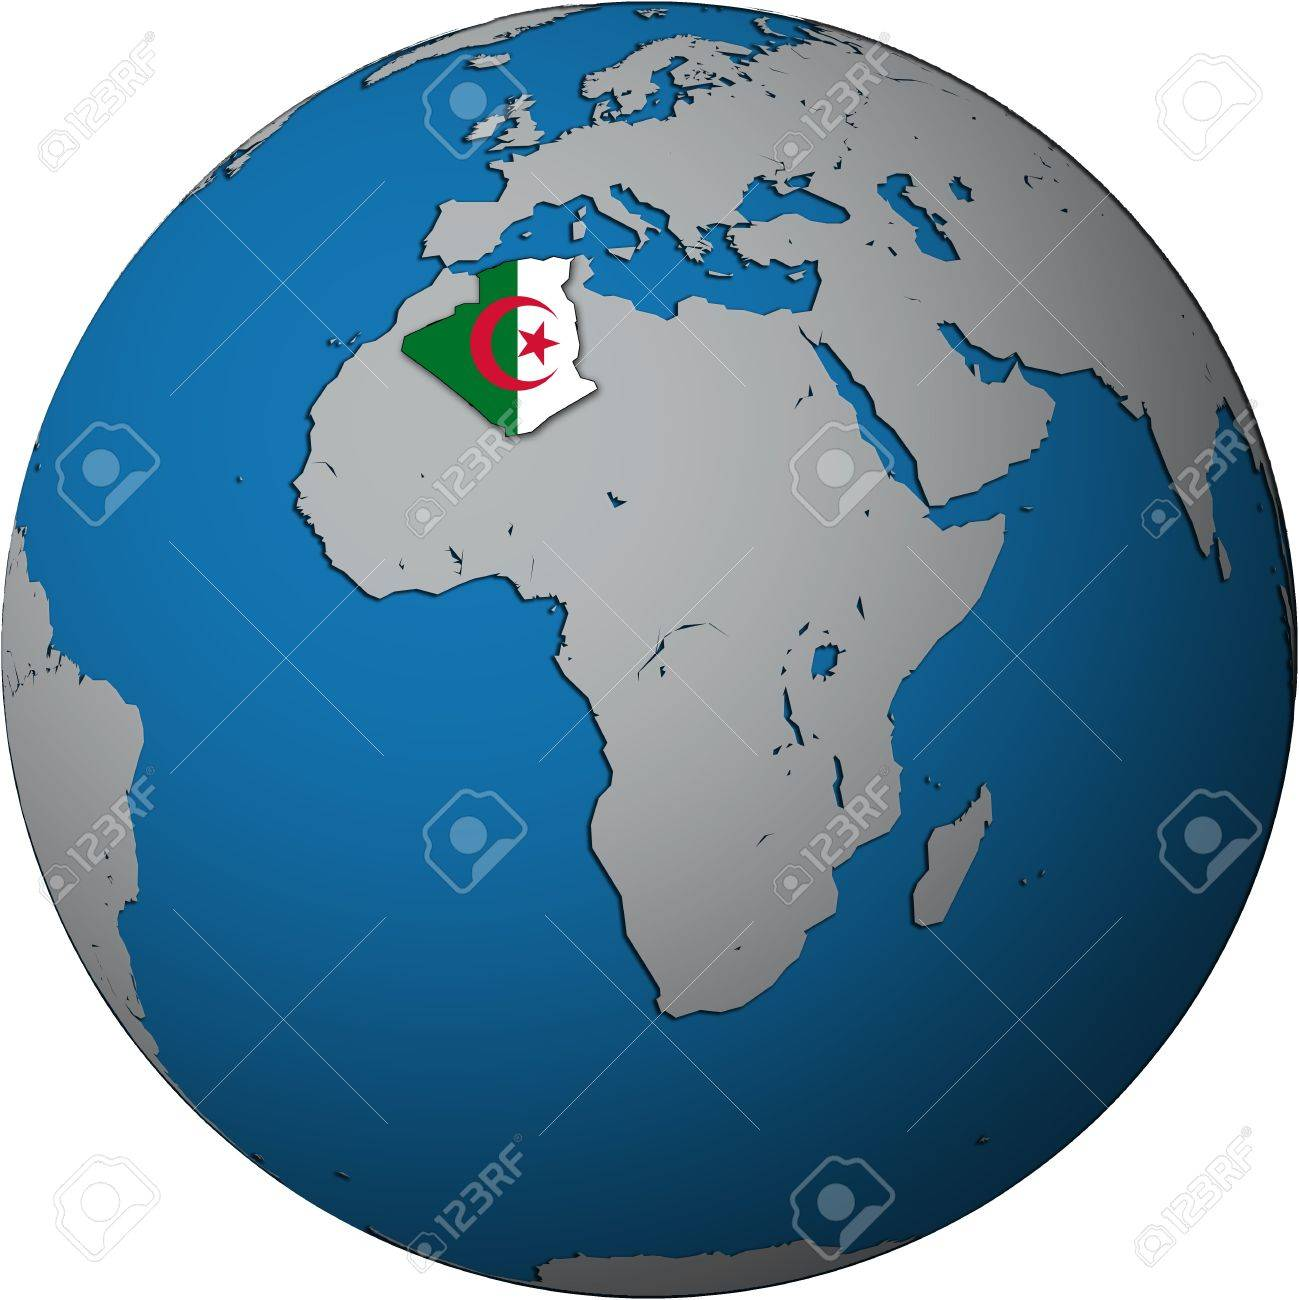 Algerie Carte Du Monde.Territoire De L Algerie Avec Drapeau Sur La Carte Du Monde